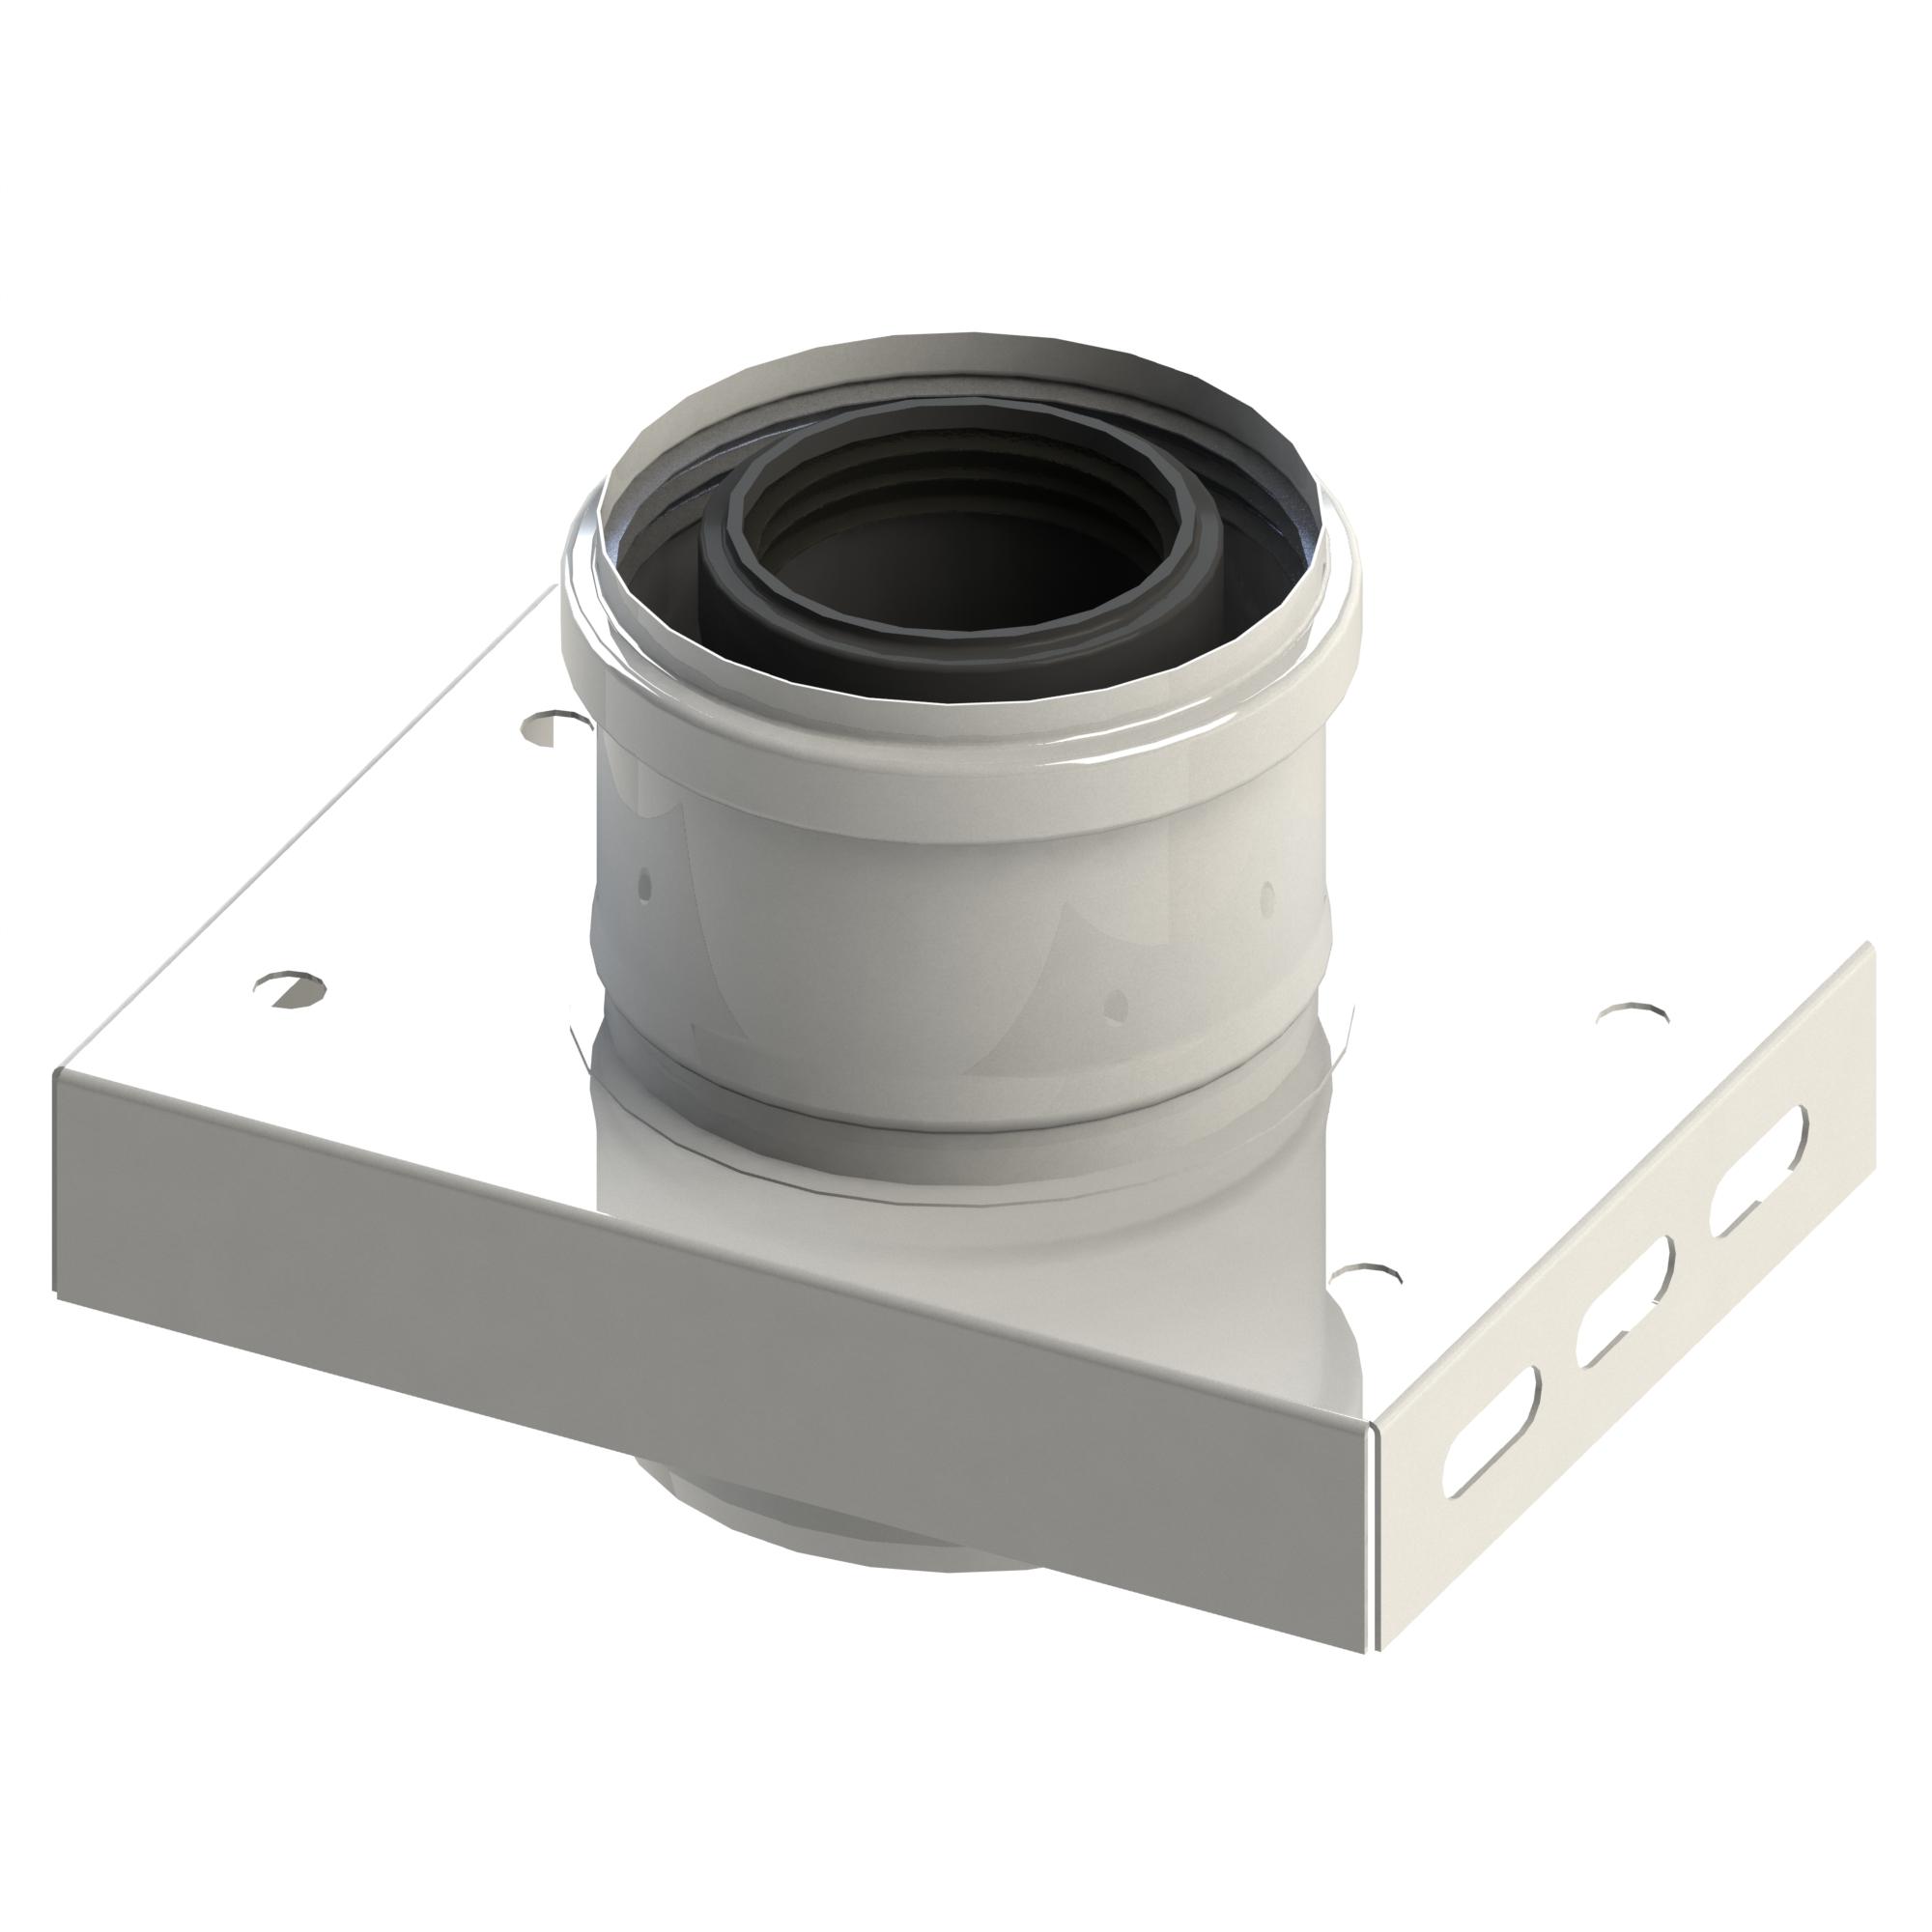 Grundplatte für Zwischenstütze - konzentrisch für Tecnovis TWIN-PL